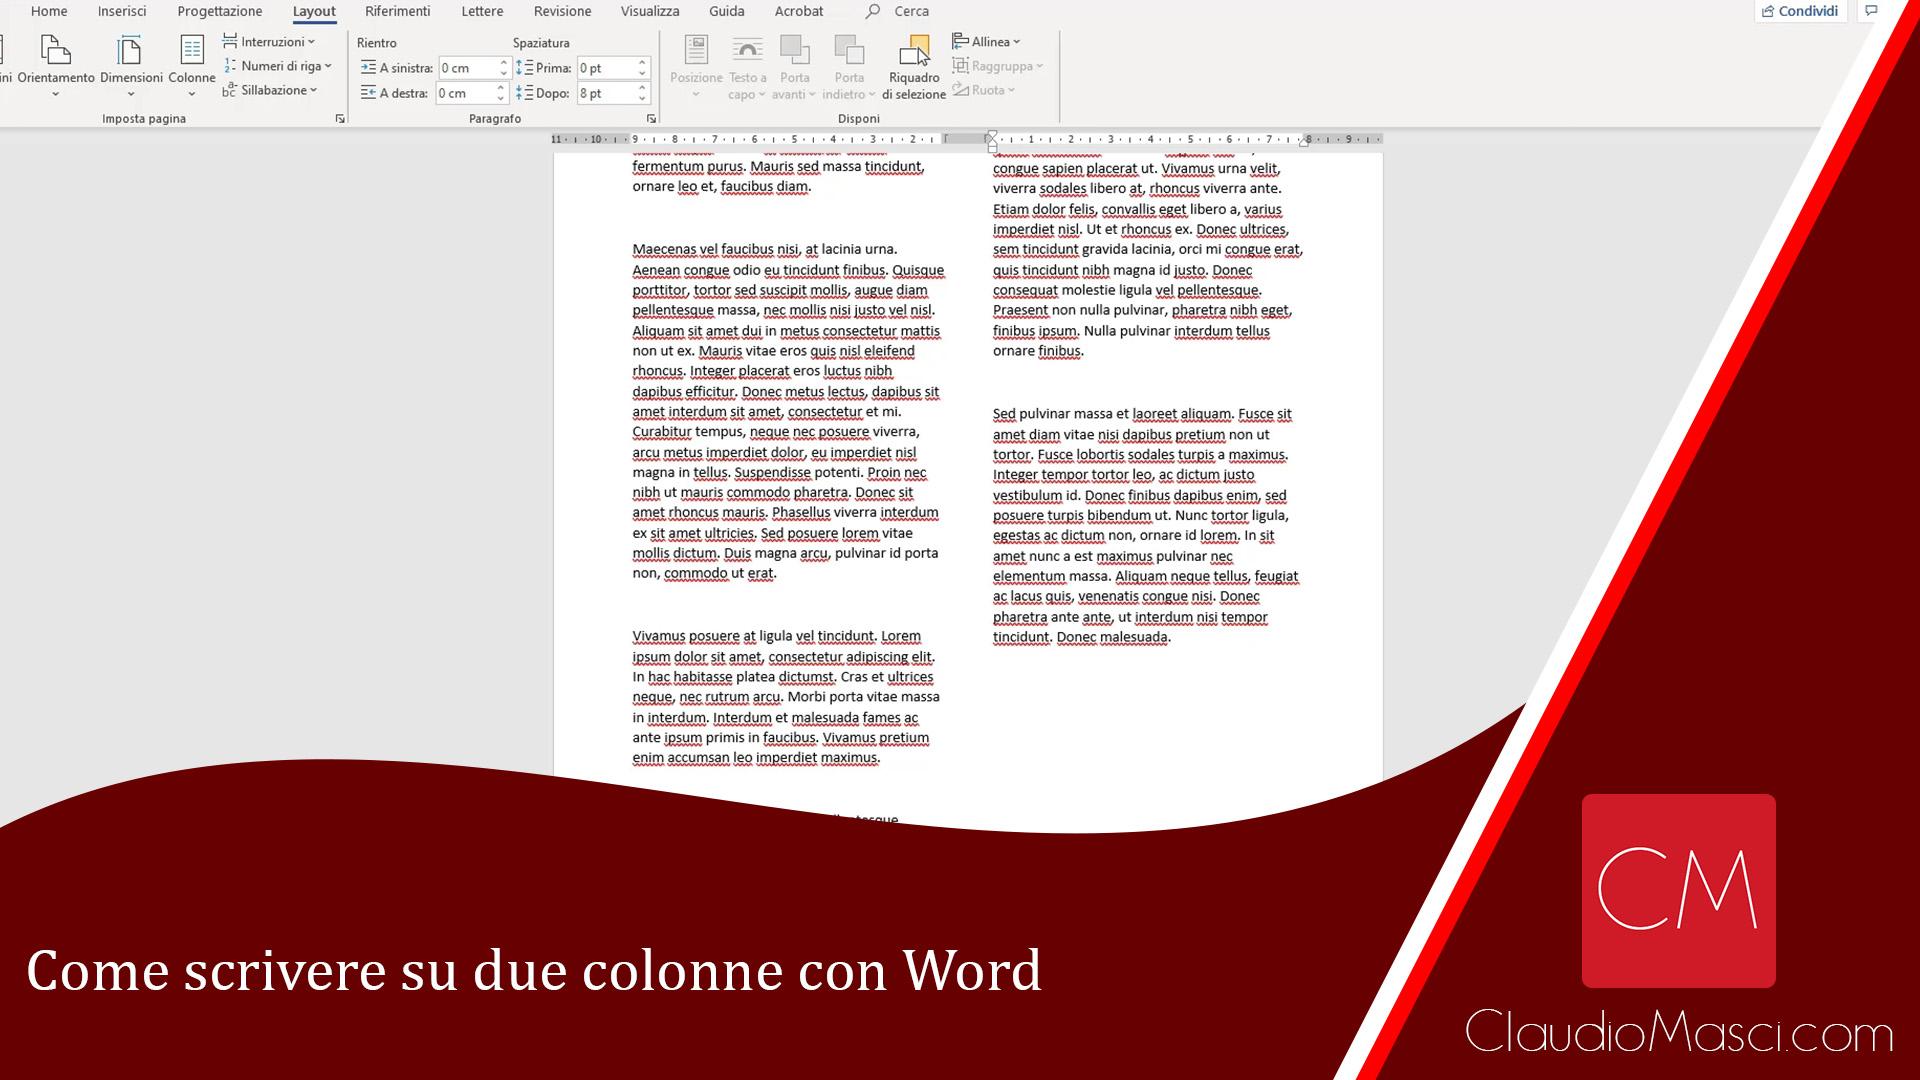 Come scrivere su due colonne con Word